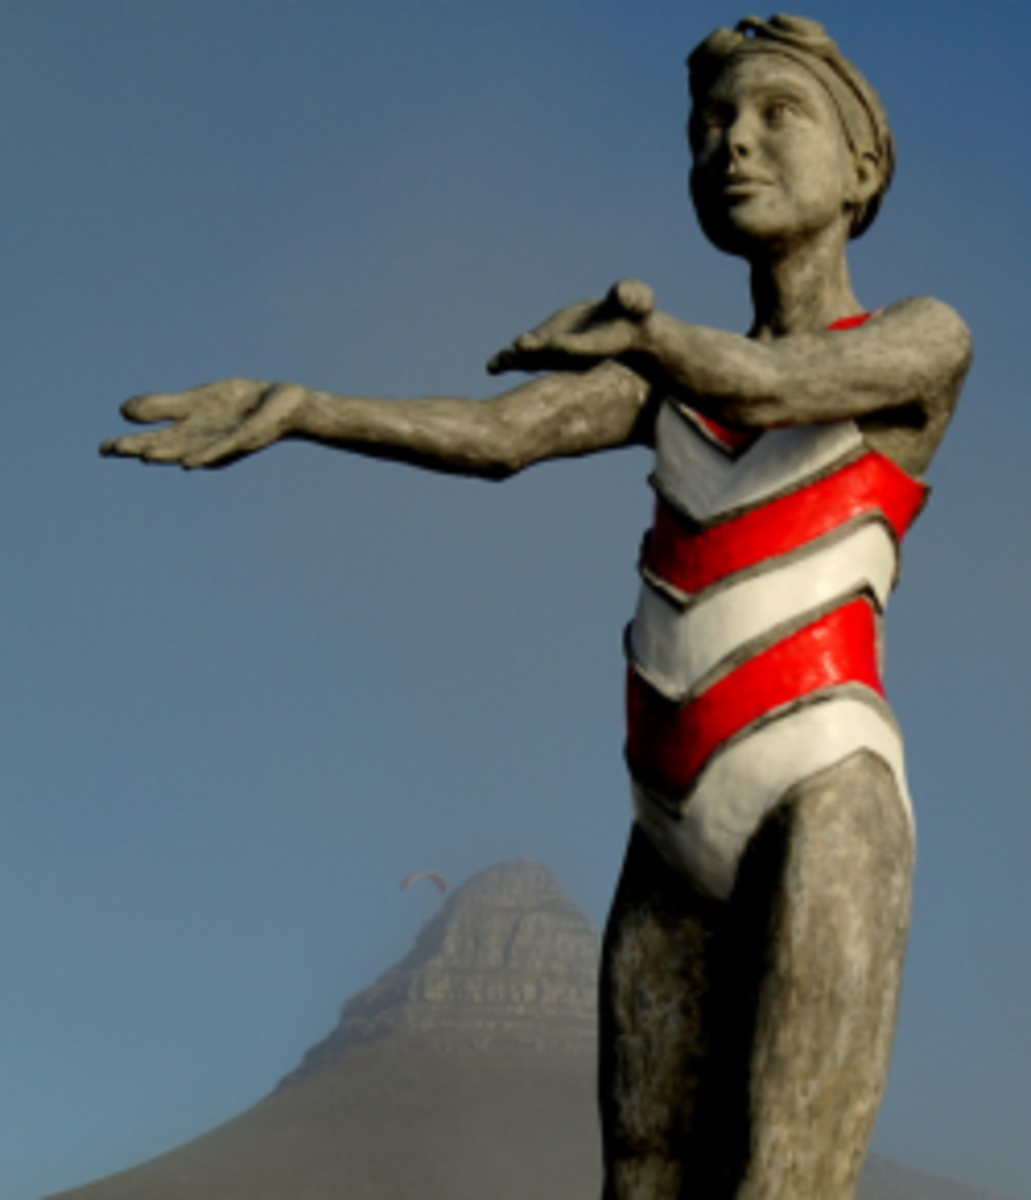 ★ Cool Sculptures & Public Art Installations | Outdoor 3D Street Artwork ★